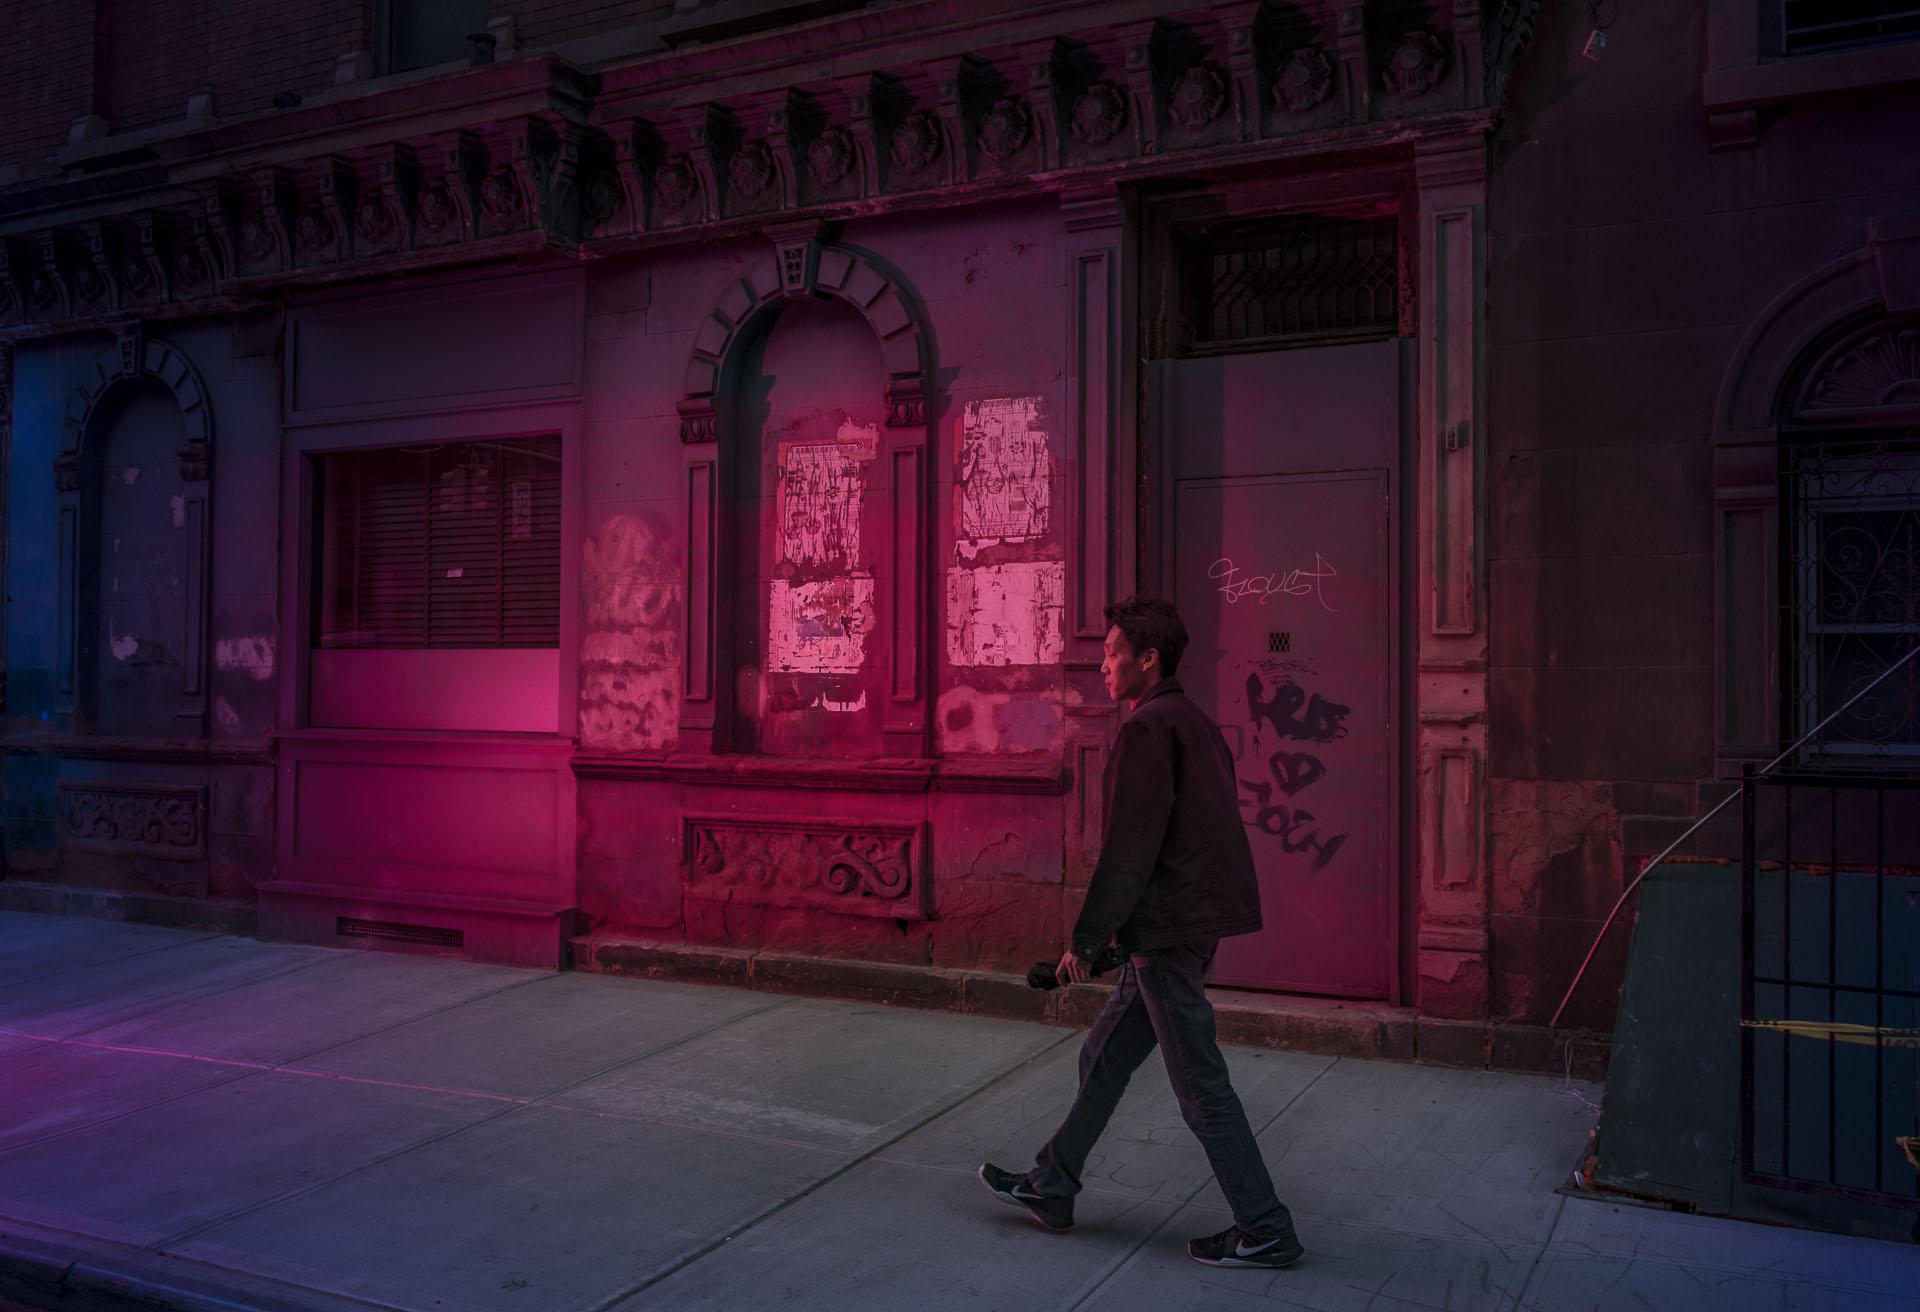 NY LIGHT 8